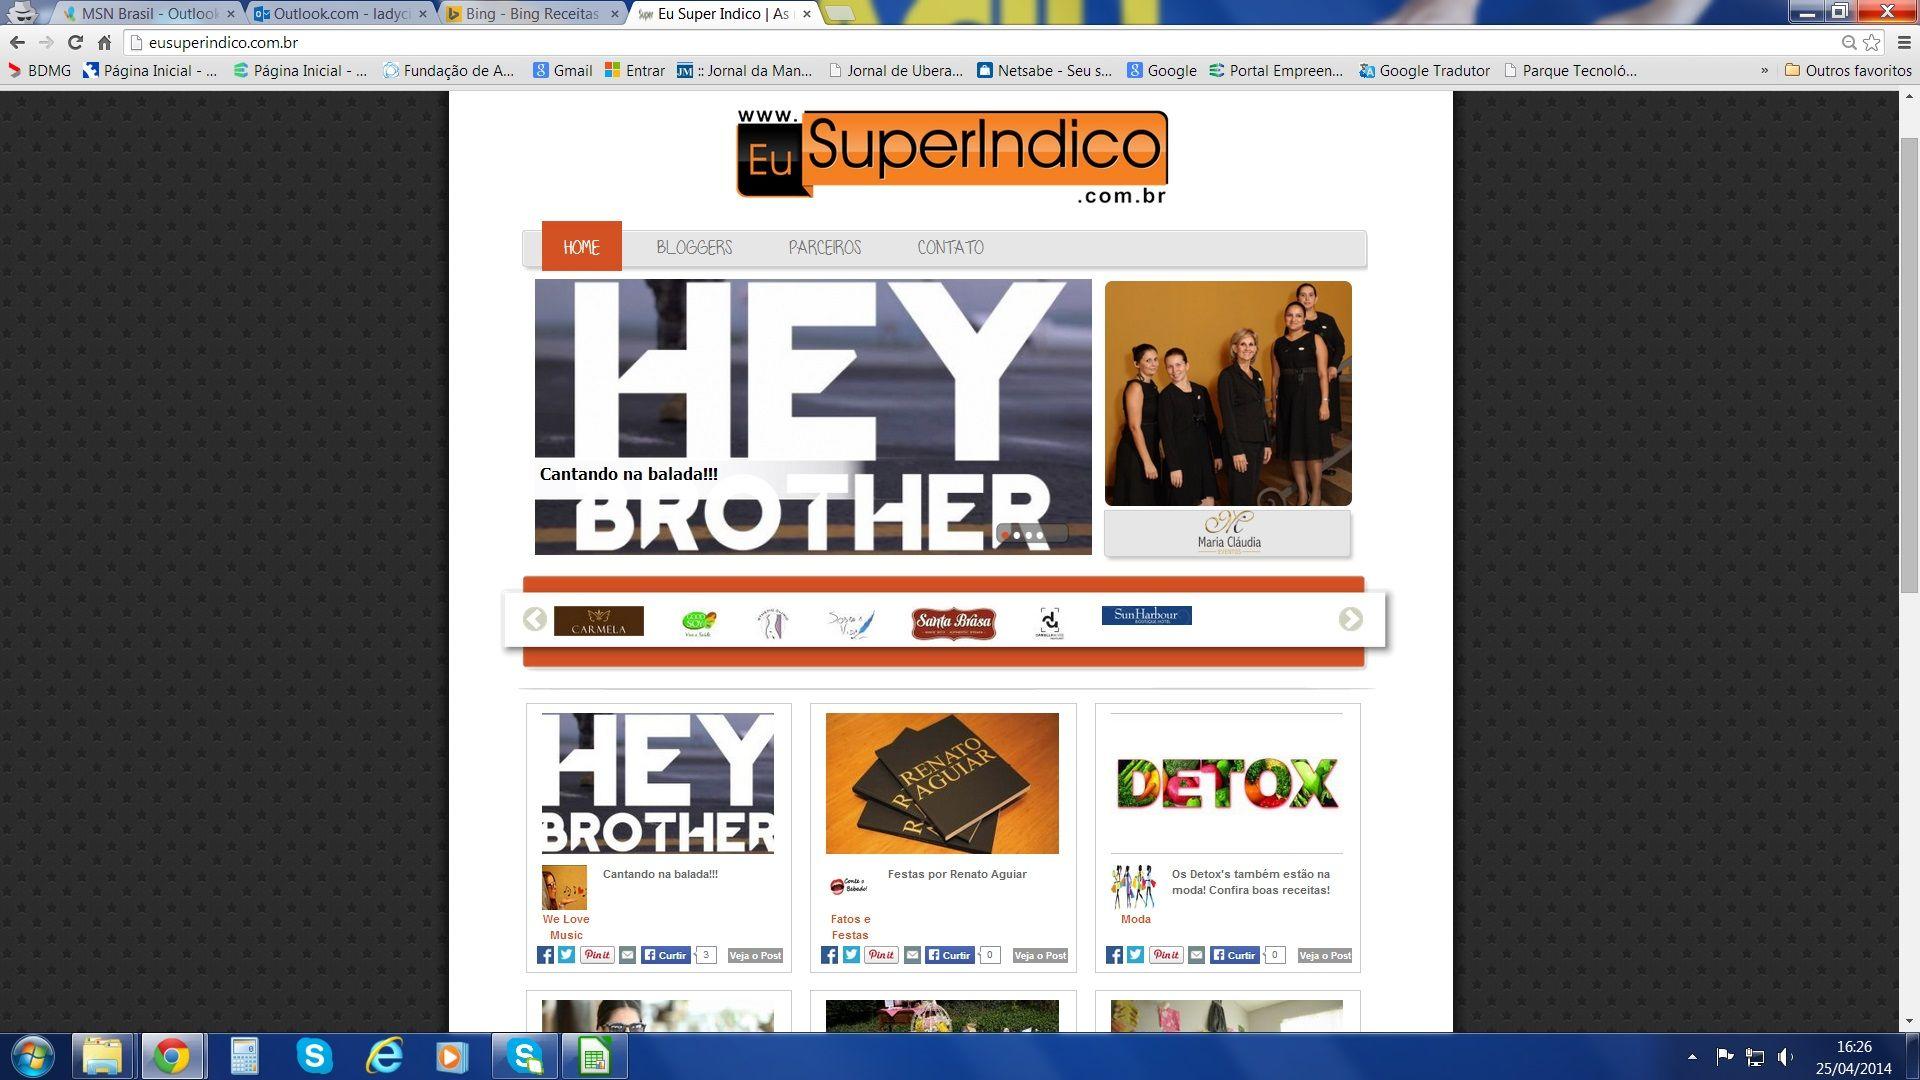 Já viu no site? www.eusuperindico.com.br